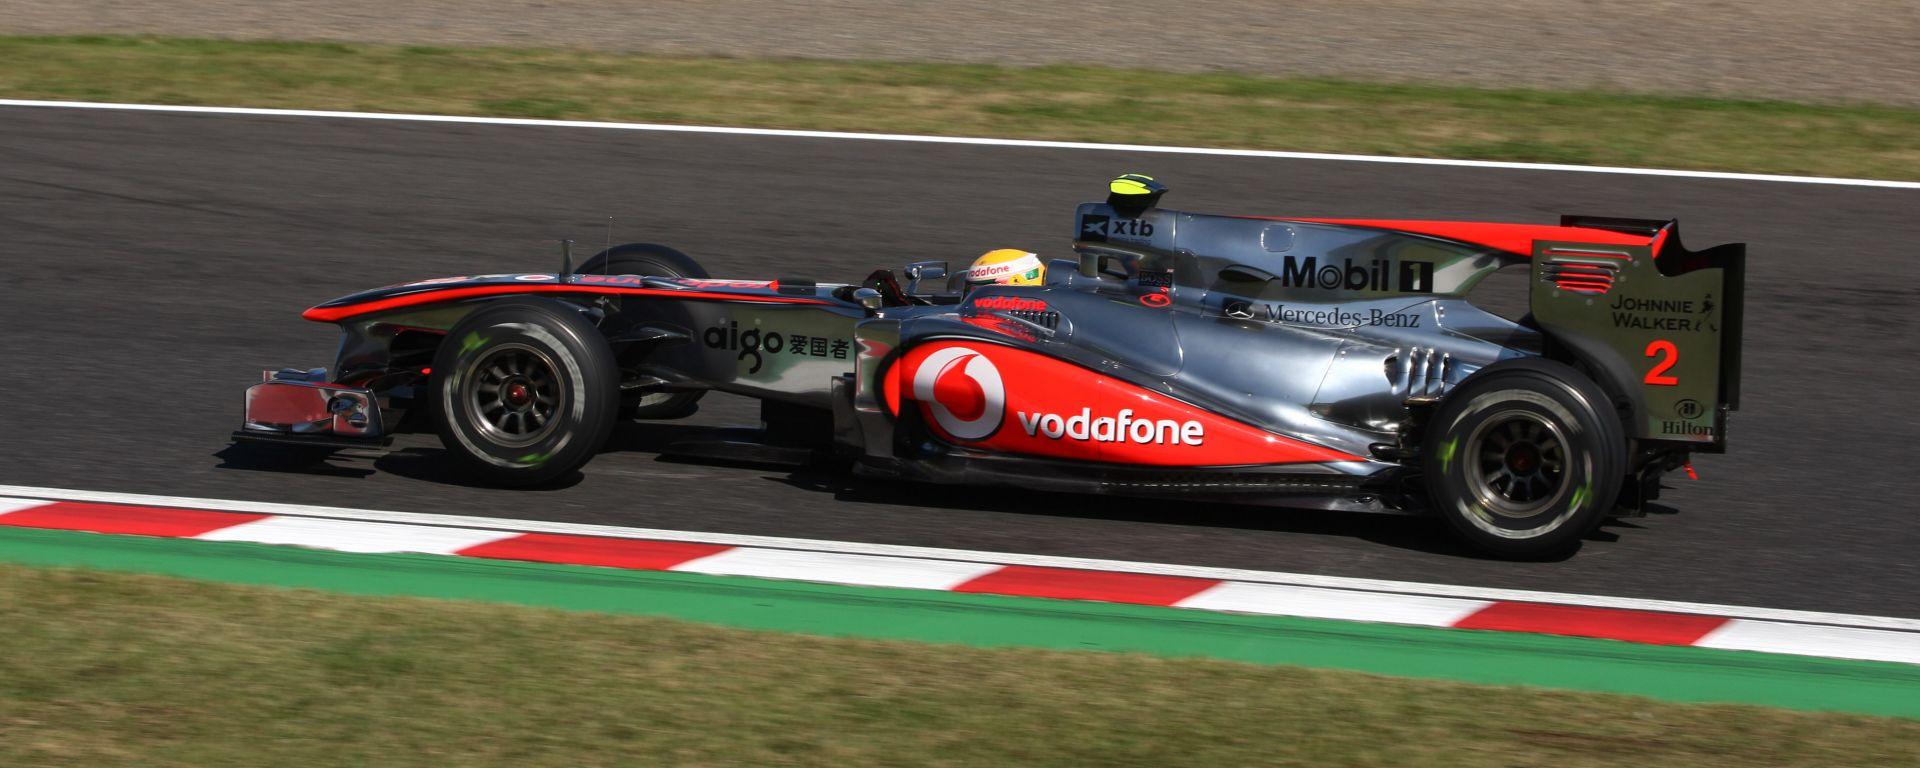 F1, GP Giappone 2010: Lewis Hamilton al volante della McLaren MP4-25A